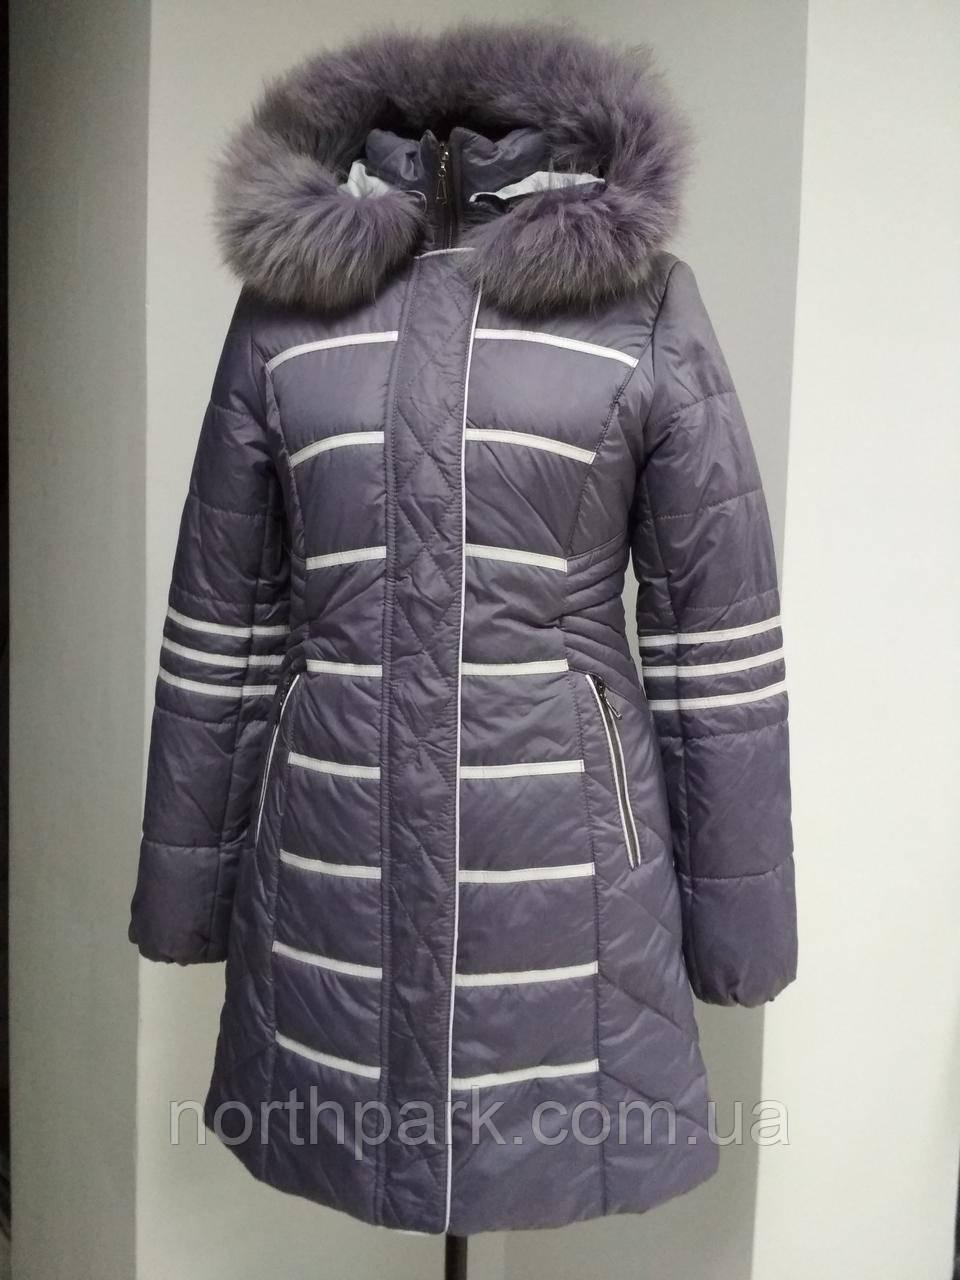 Зимняя длинная куртка с натуральным мехом, сиреневая